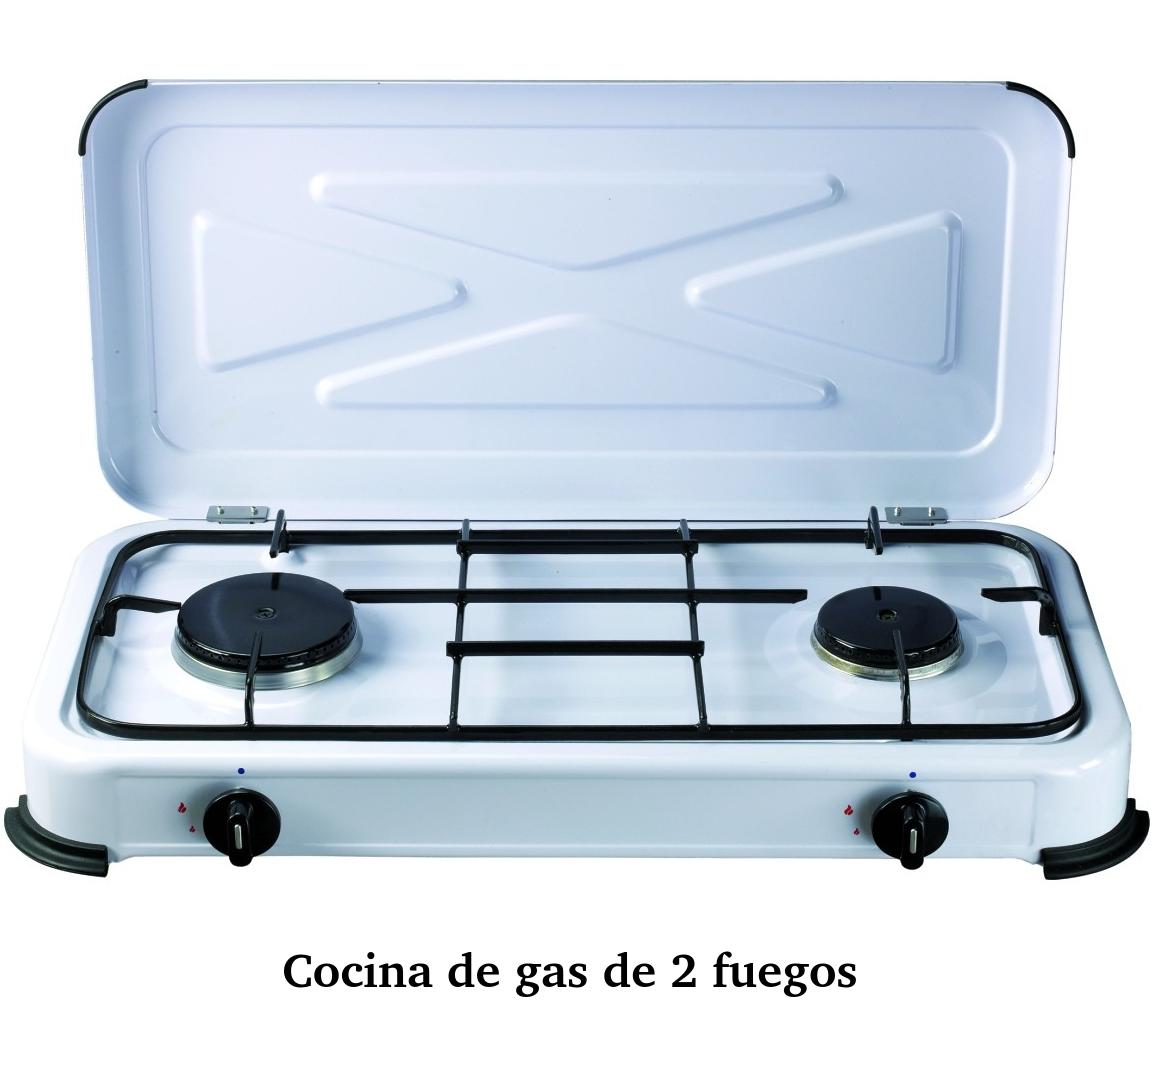 Cocina gas de dos fuegos portatil para butano con for Cocina de gas de dos fuegos